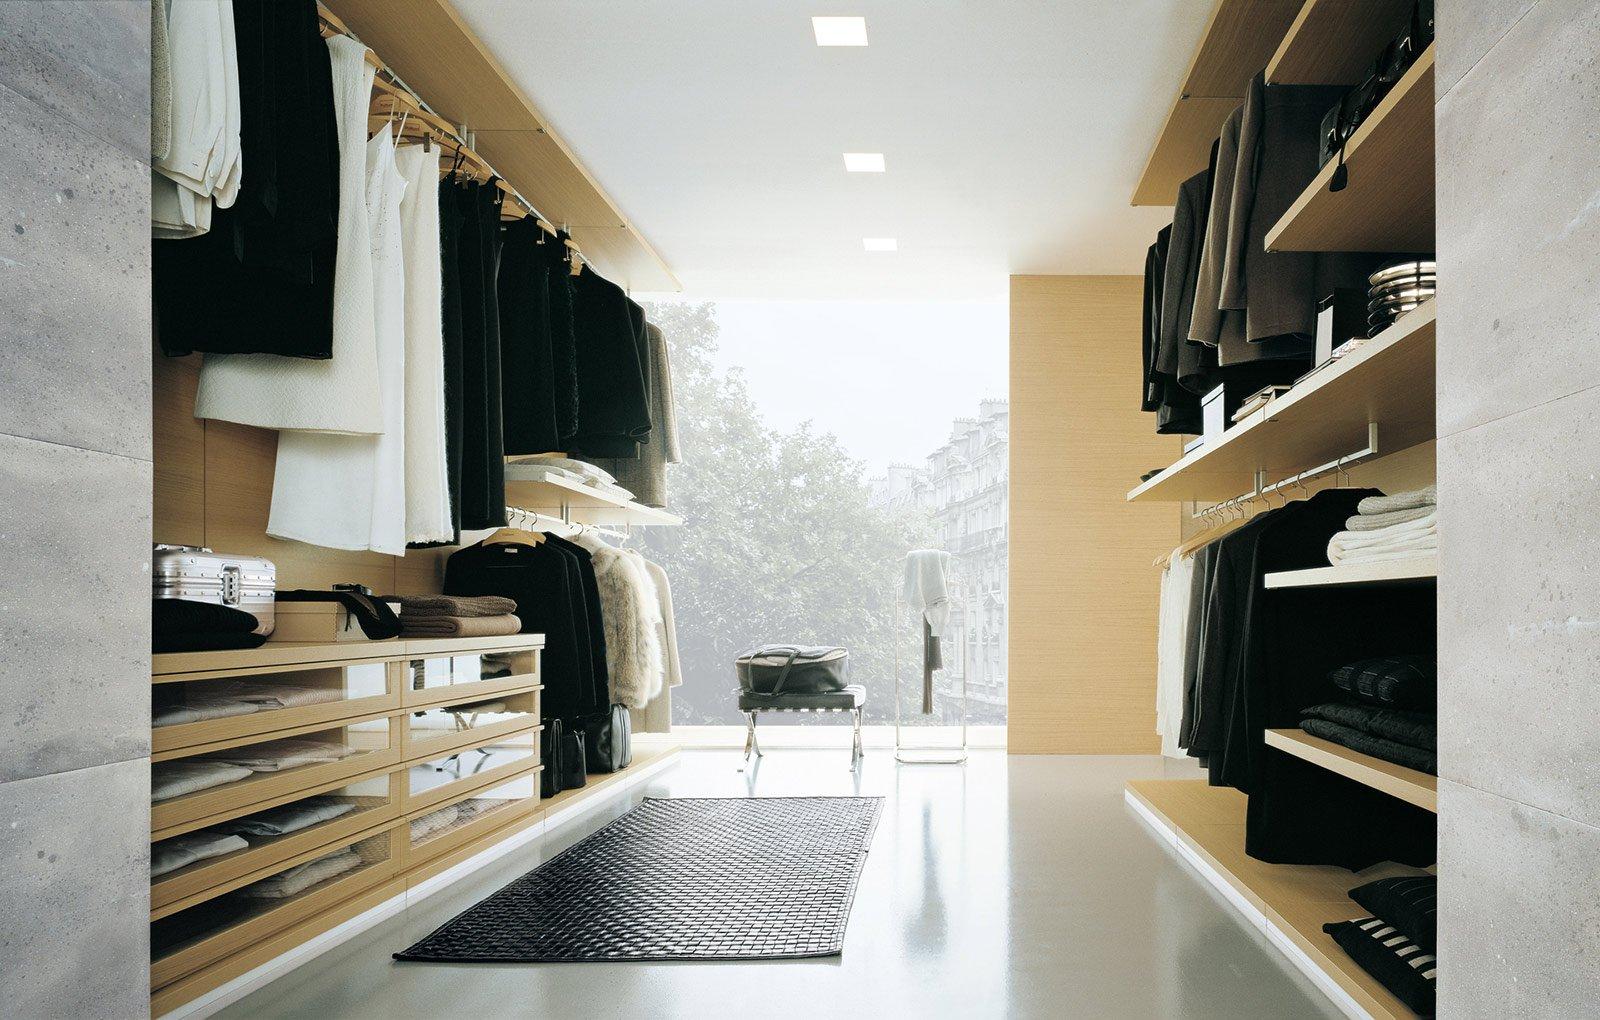 Misure Cabina Armadio Quadrata : Cabine armadio. progettiamo insieme lo spazio cose di casa